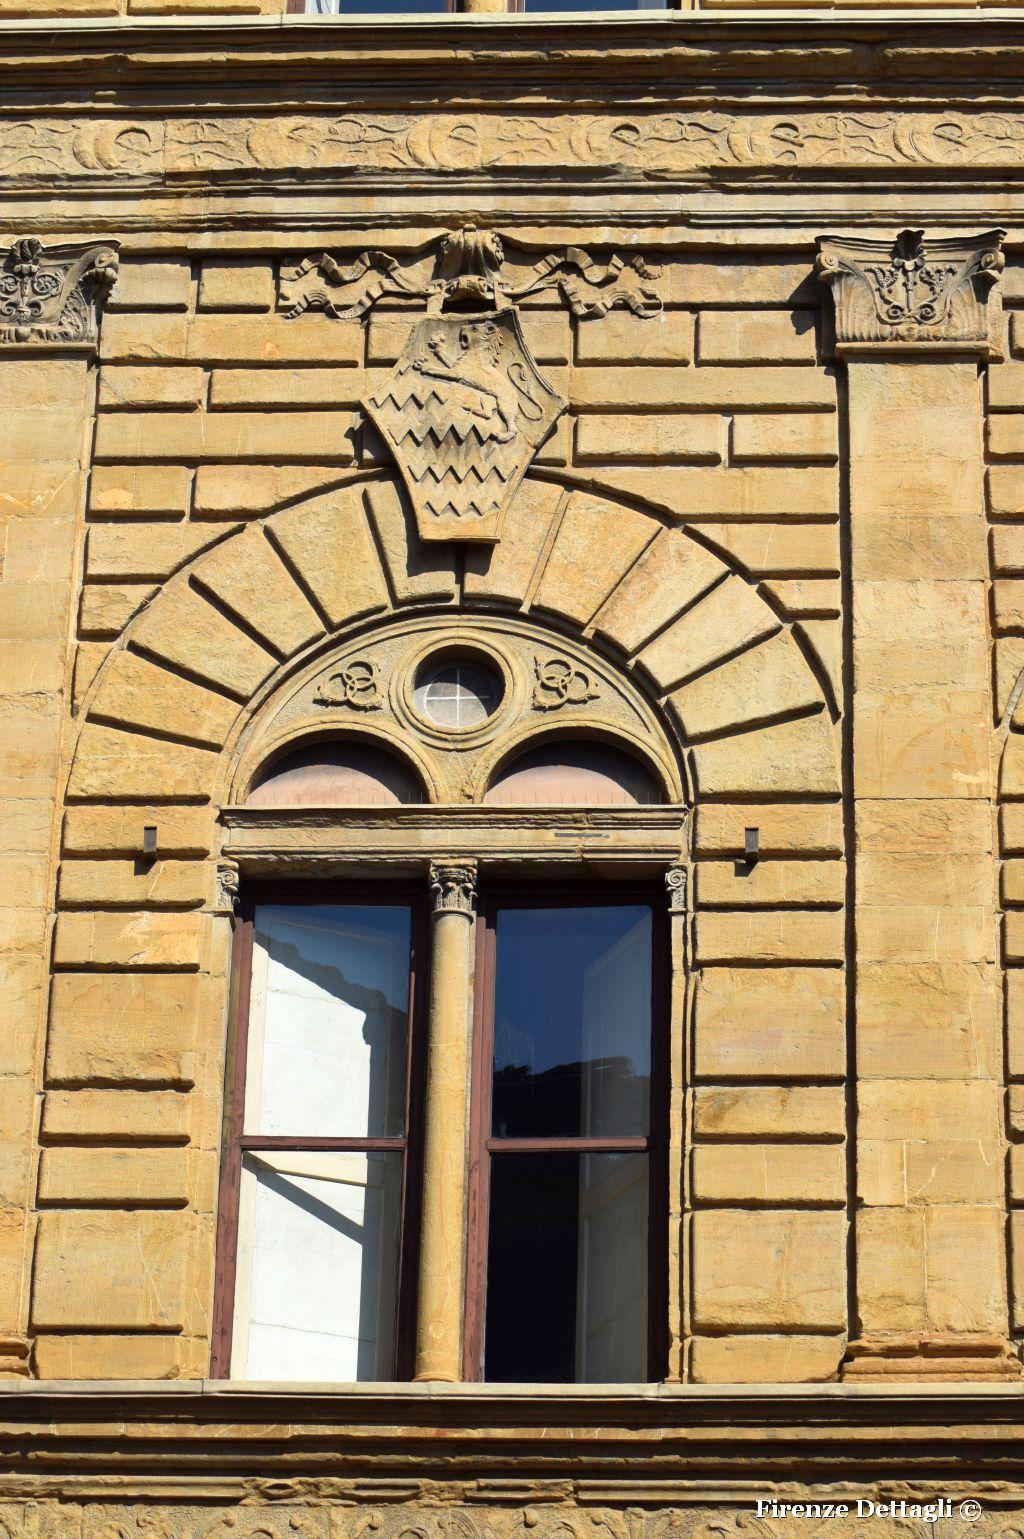 Firenze nei dettagli una finestra e uno stemma - Finestre firenze ...